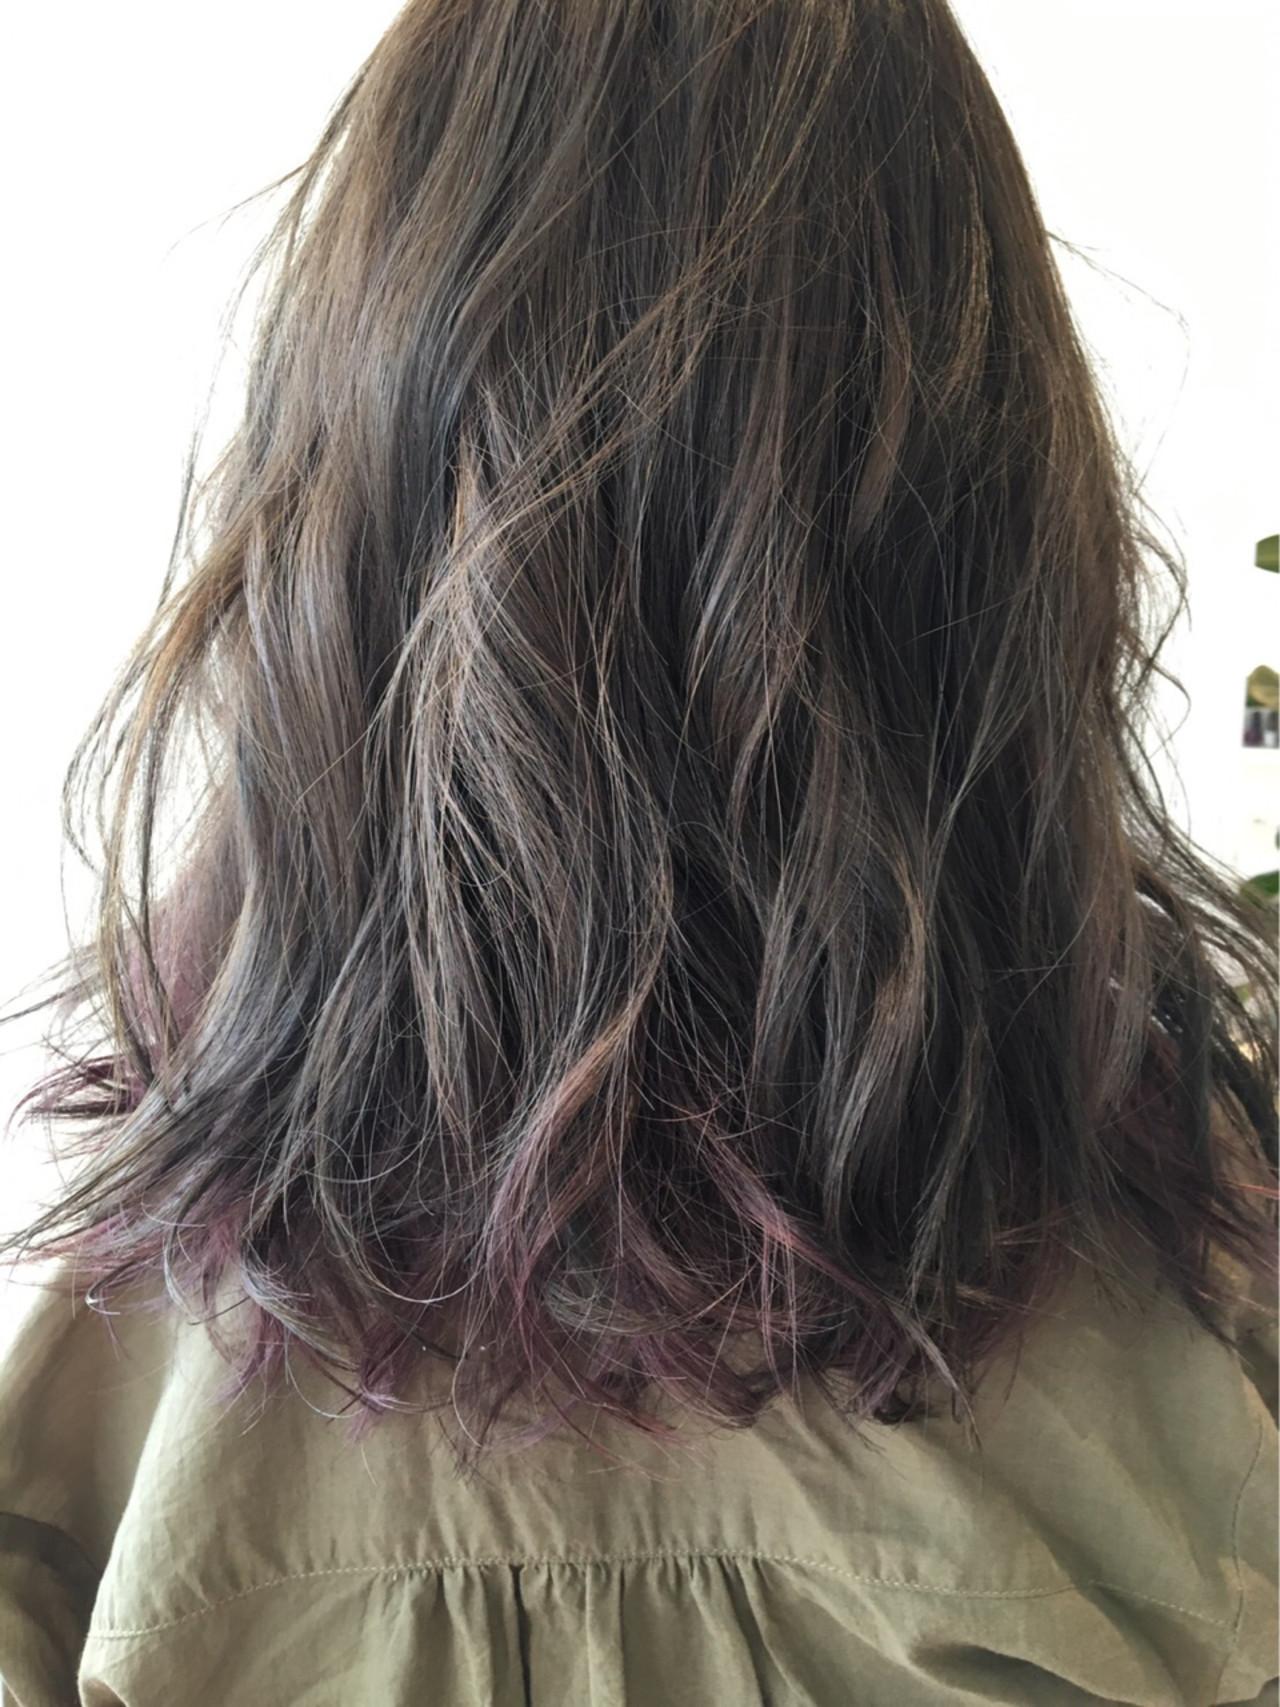 モード パープル セミロング ピンクアッシュ ヘアスタイルや髪型の写真・画像